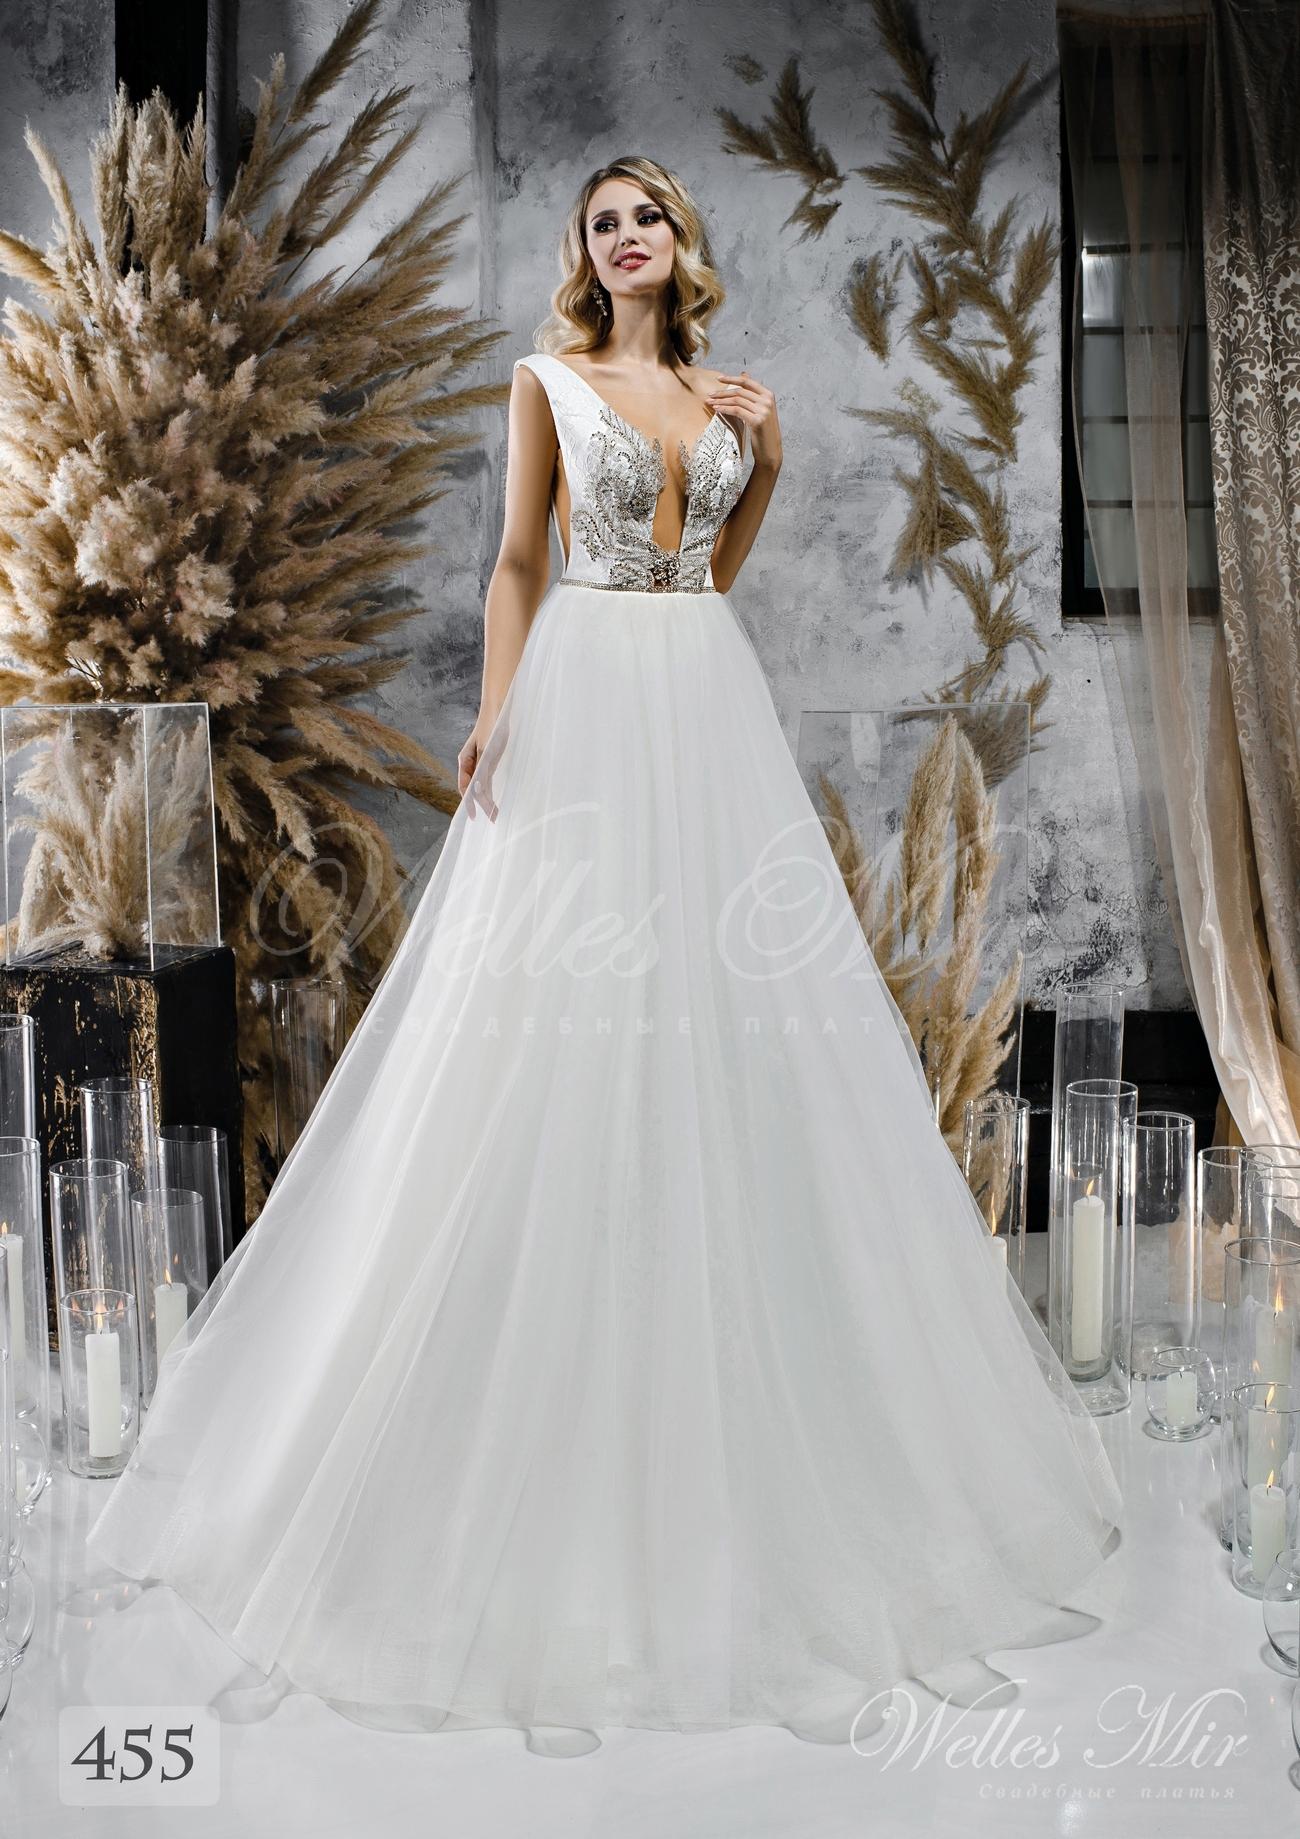 Весільну сукню з пишною спідницею і розколотим корсетом оптом від WellesMir